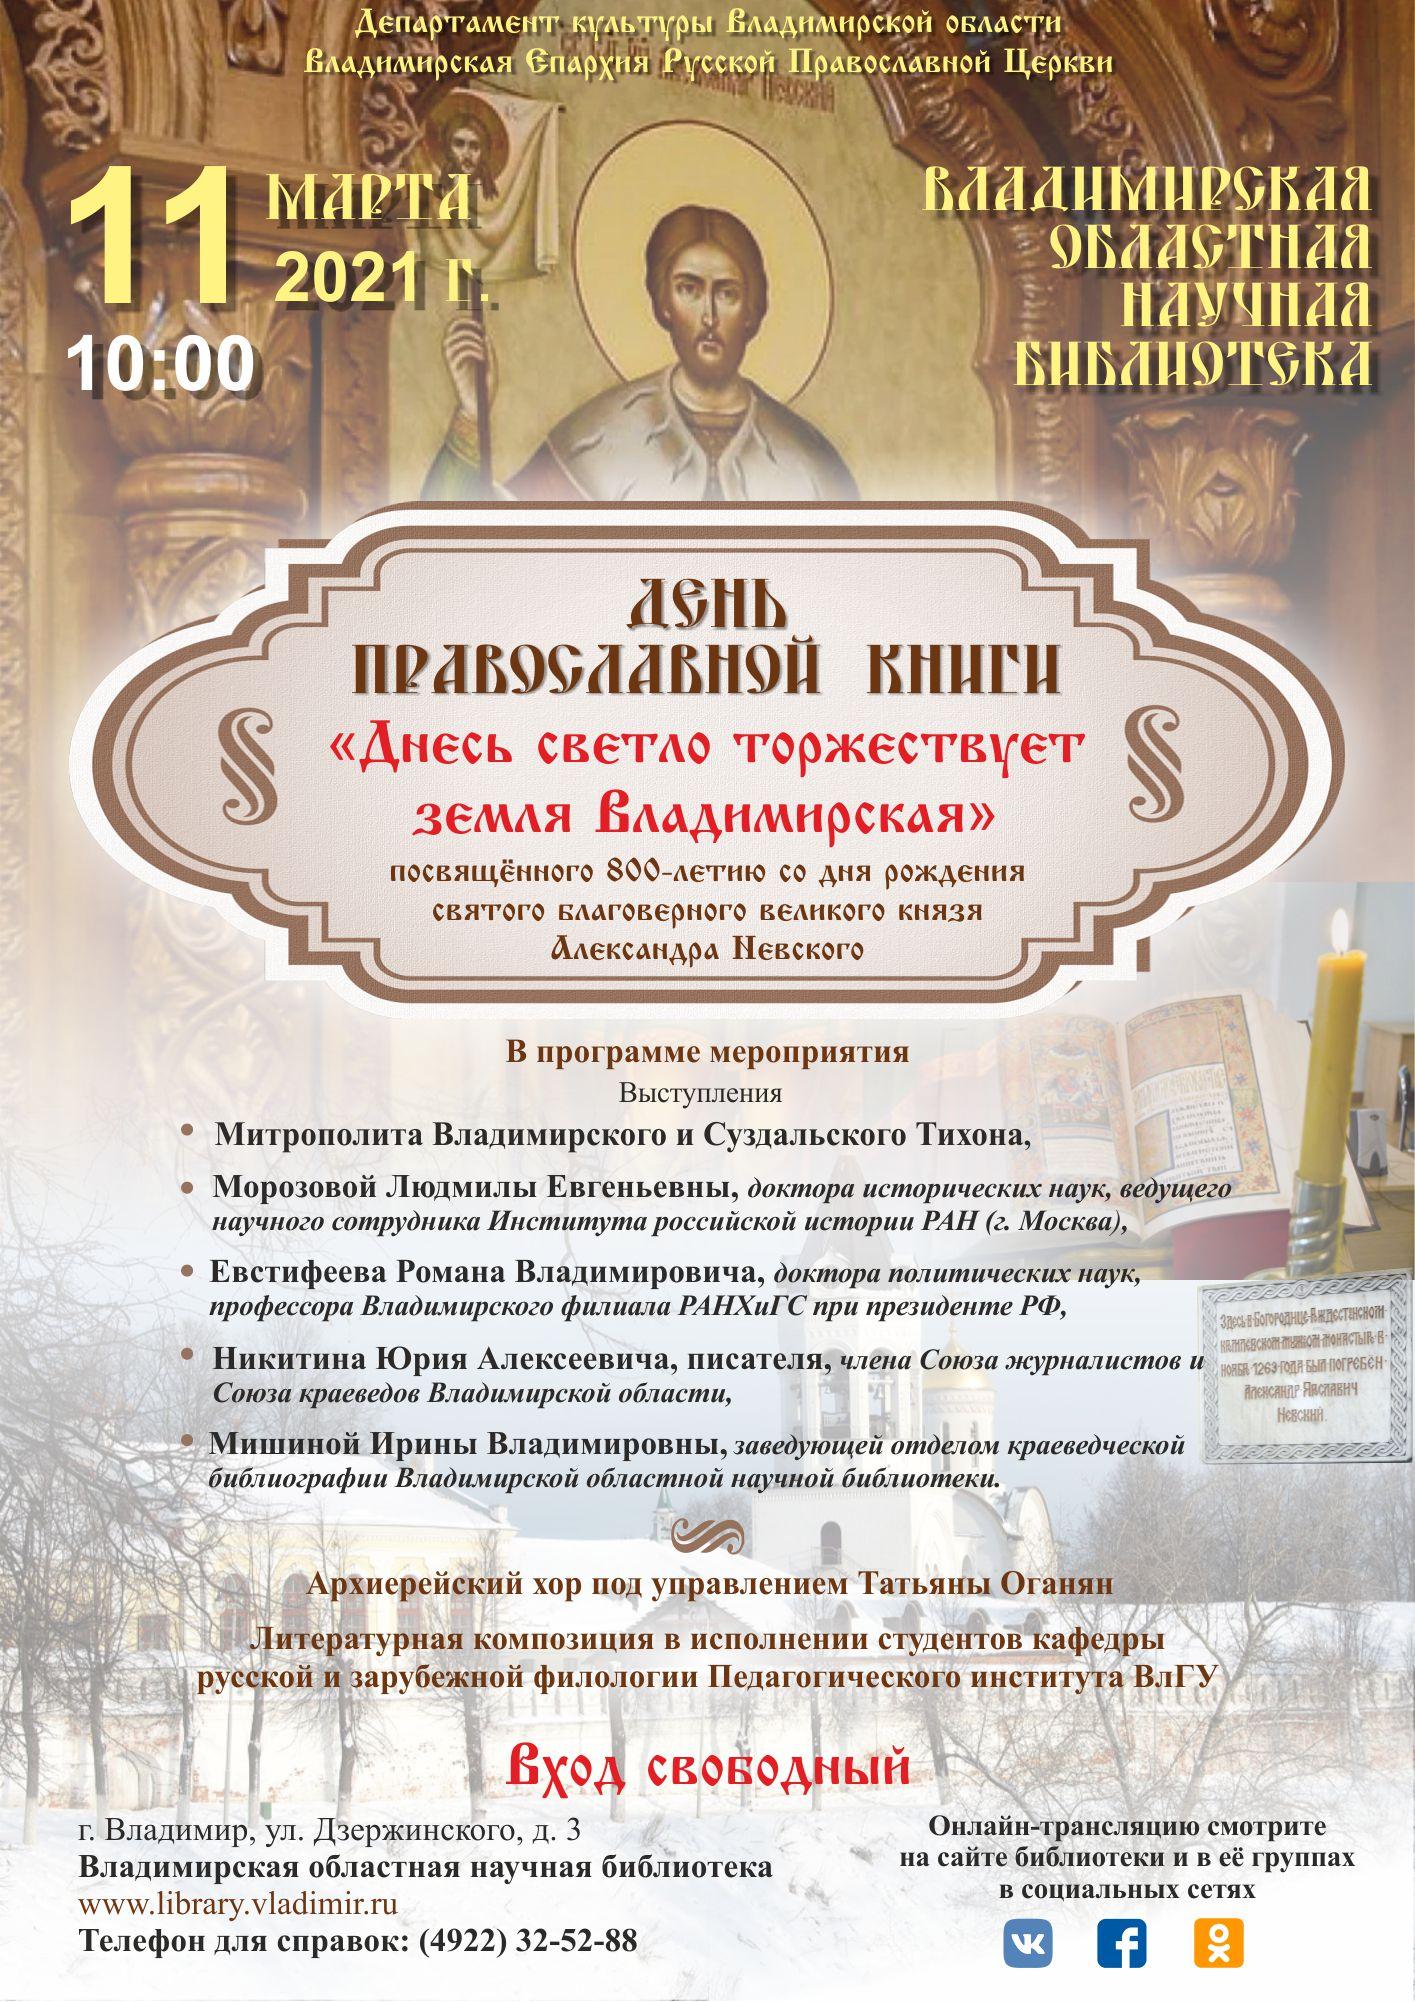 День православной книги Афиша мероприятия